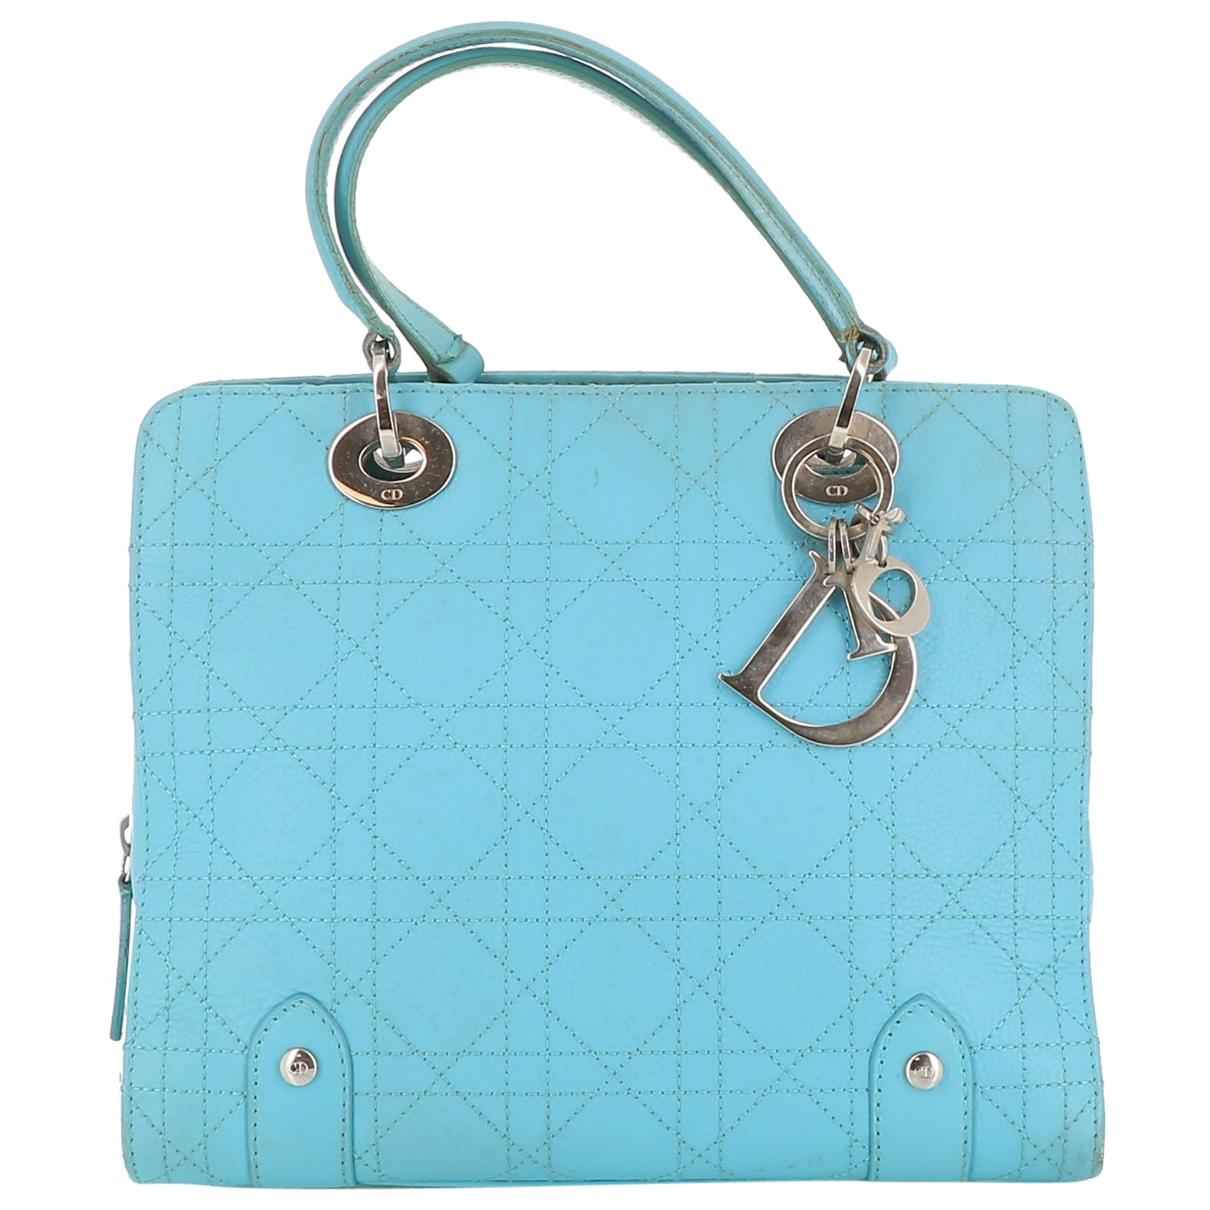 Dior - Sac a main   pour femme en cuir - bleu